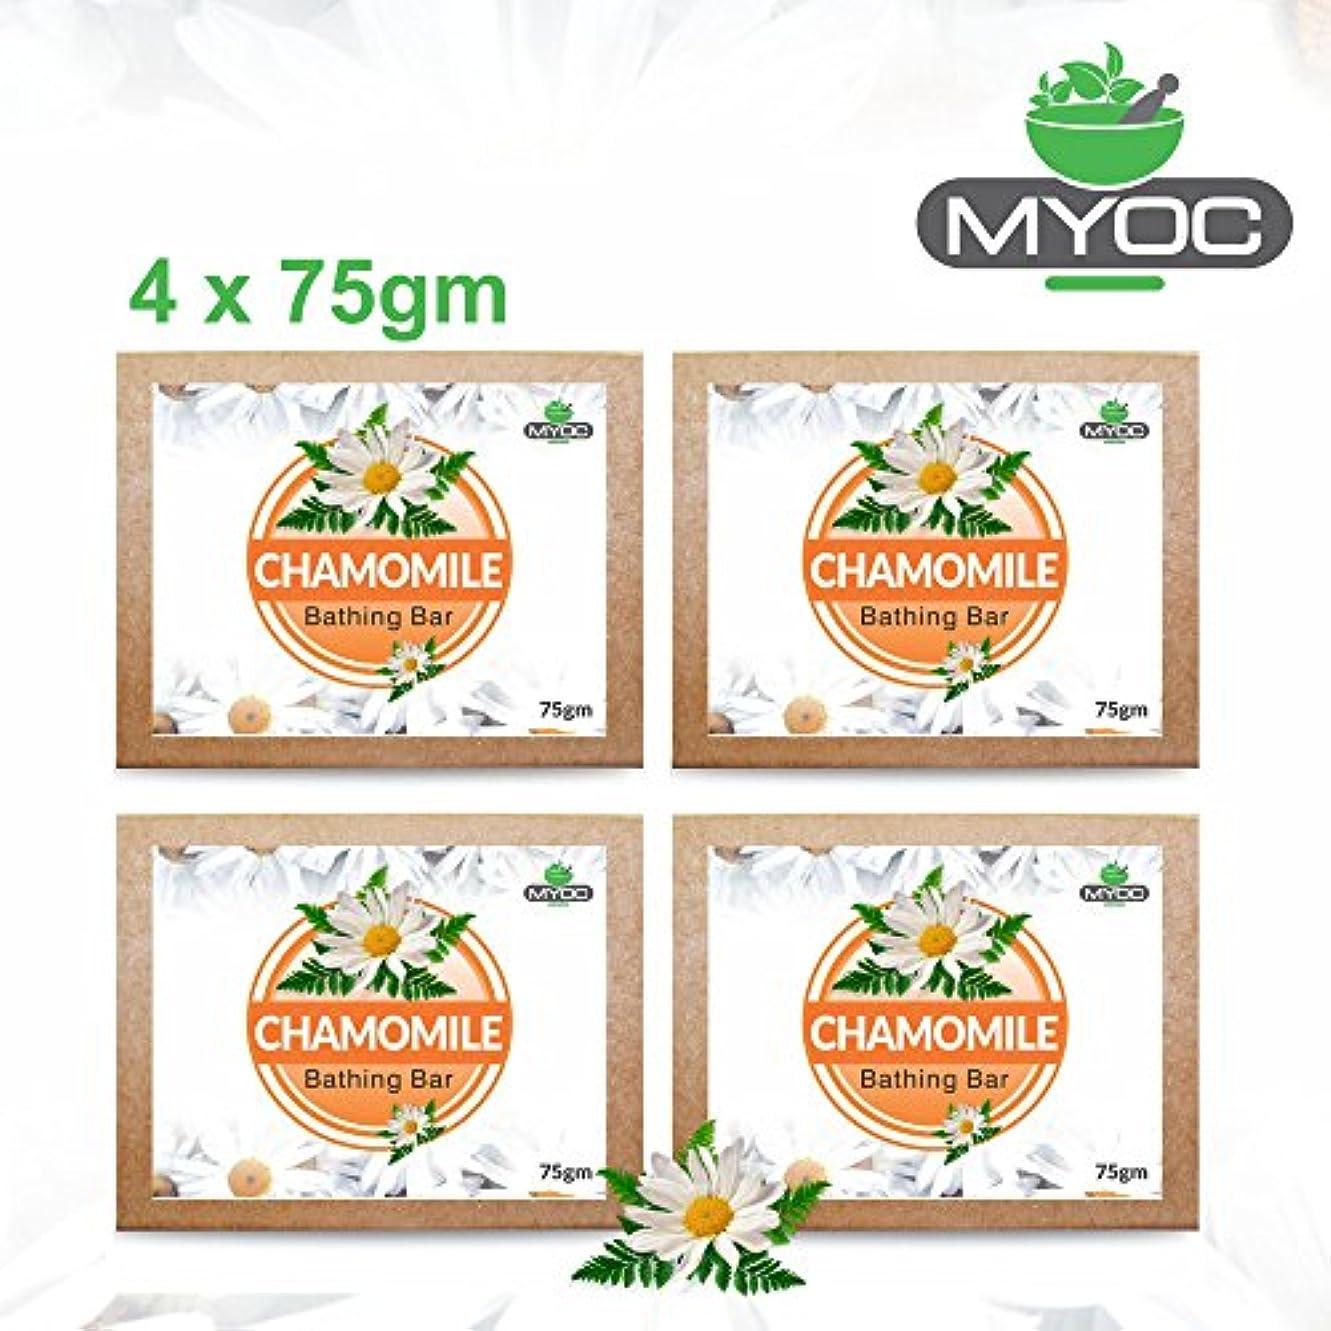 染料医療過誤いっぱいChamomile Extract, Vitamin E and Glycerine soap for sensitive skin, dry skin and eczema 75gm x 4 Pack